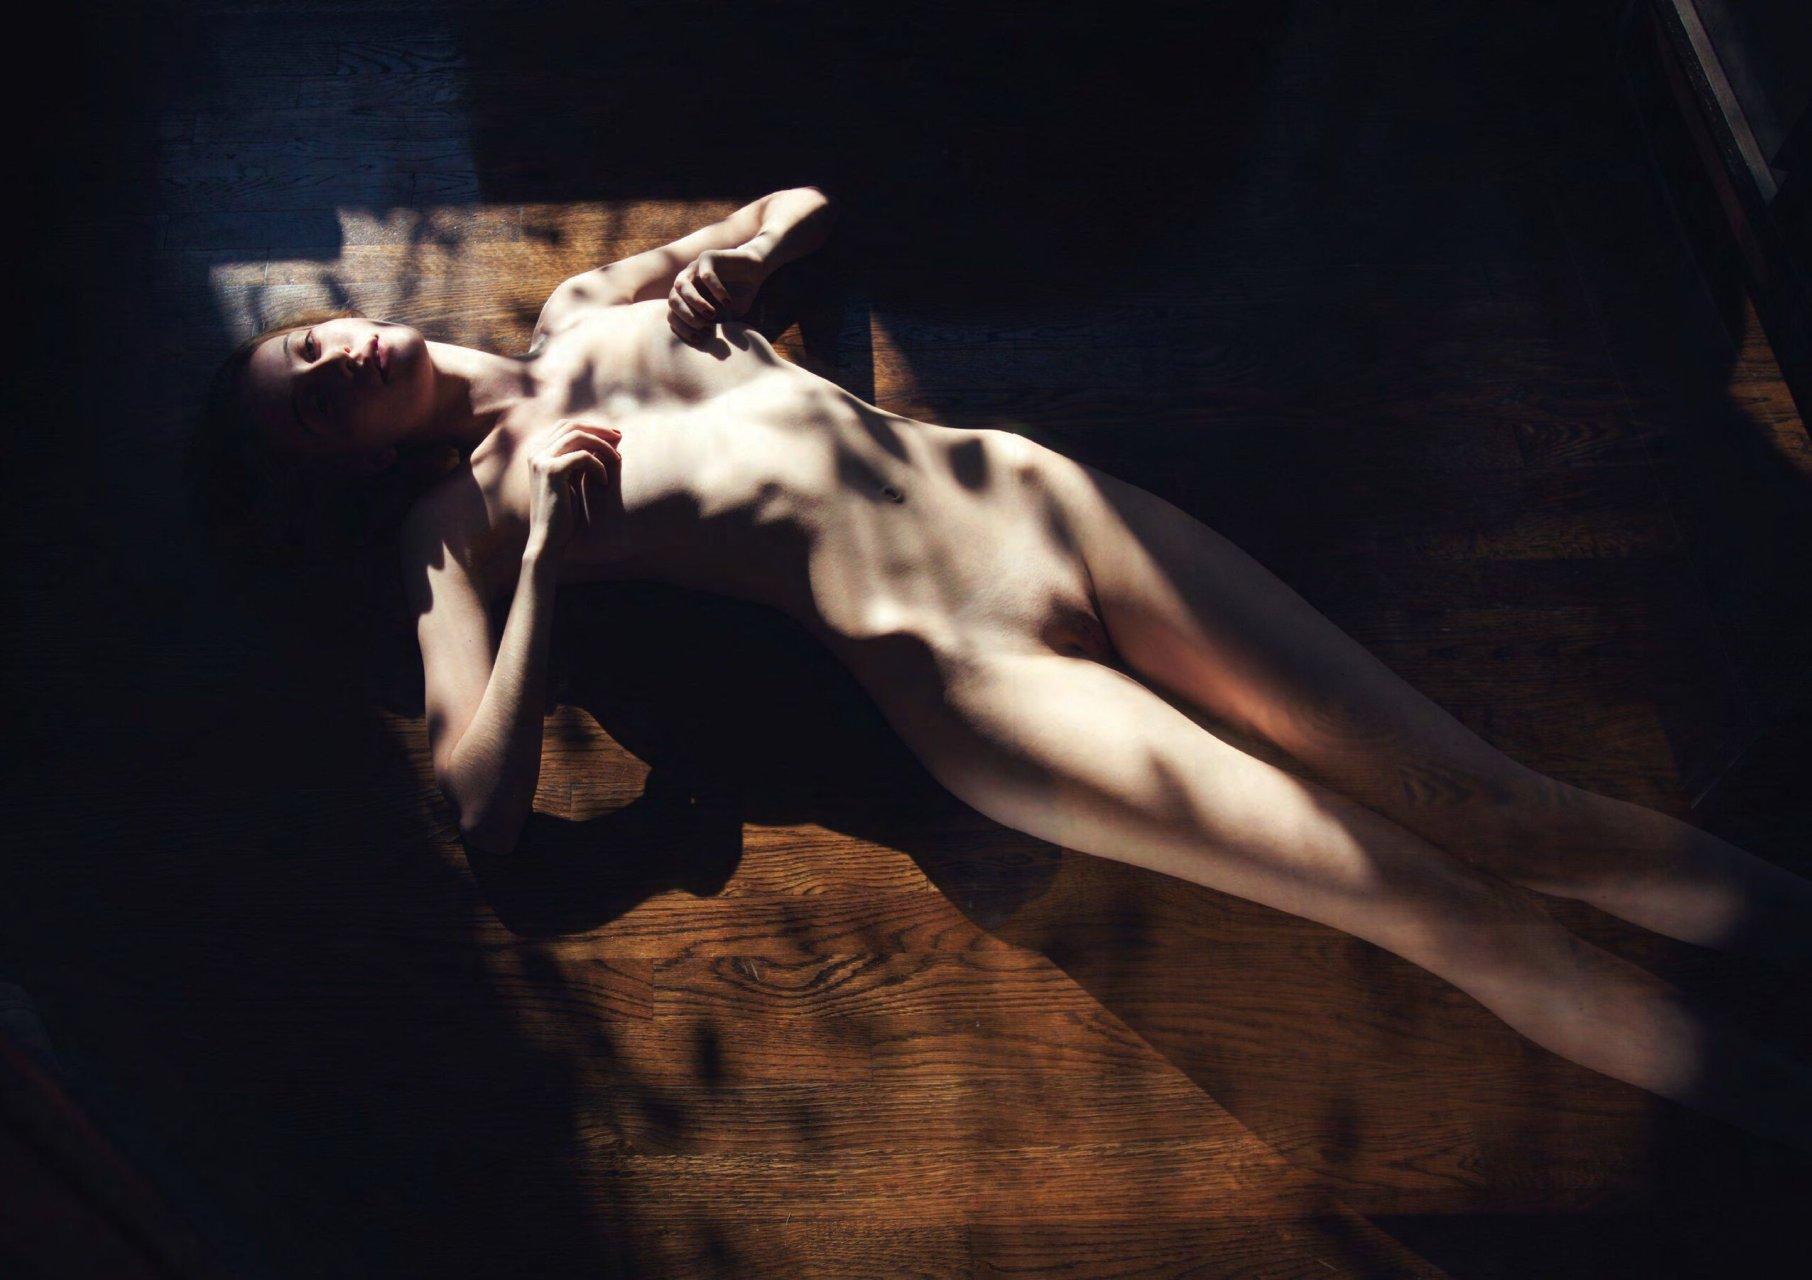 Jesica beil naked